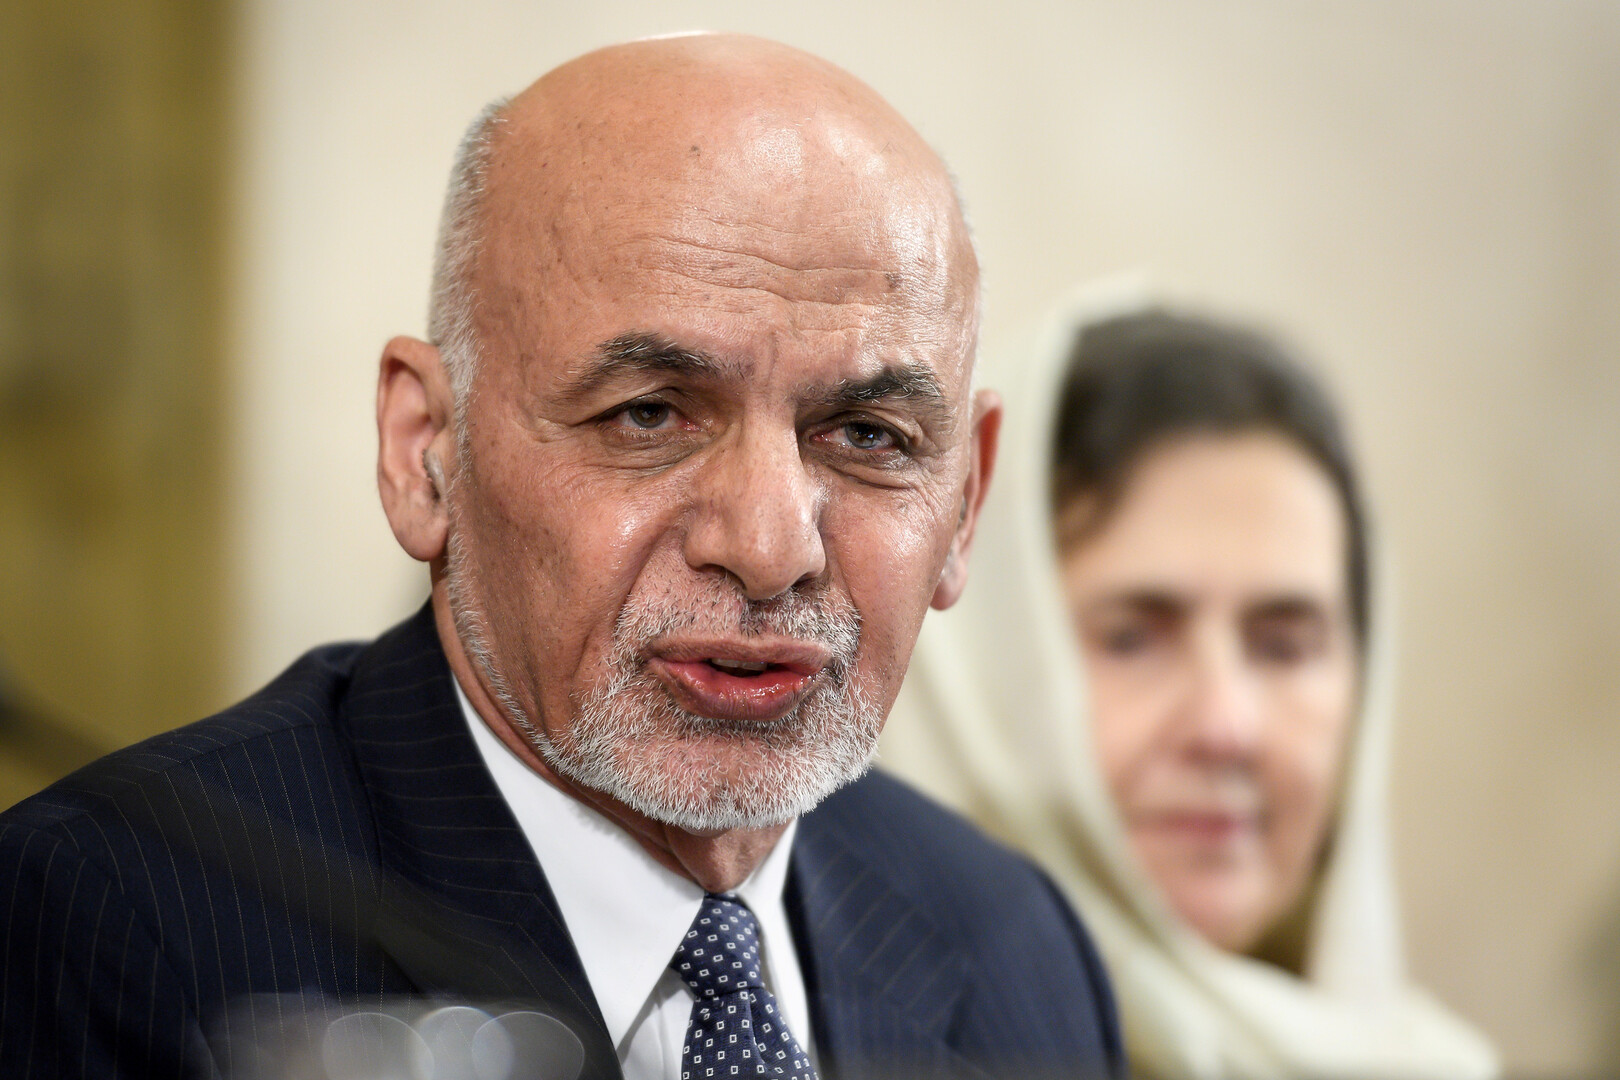 الرئيس الأفغاني يؤجل زيارته للولايات المتحدة